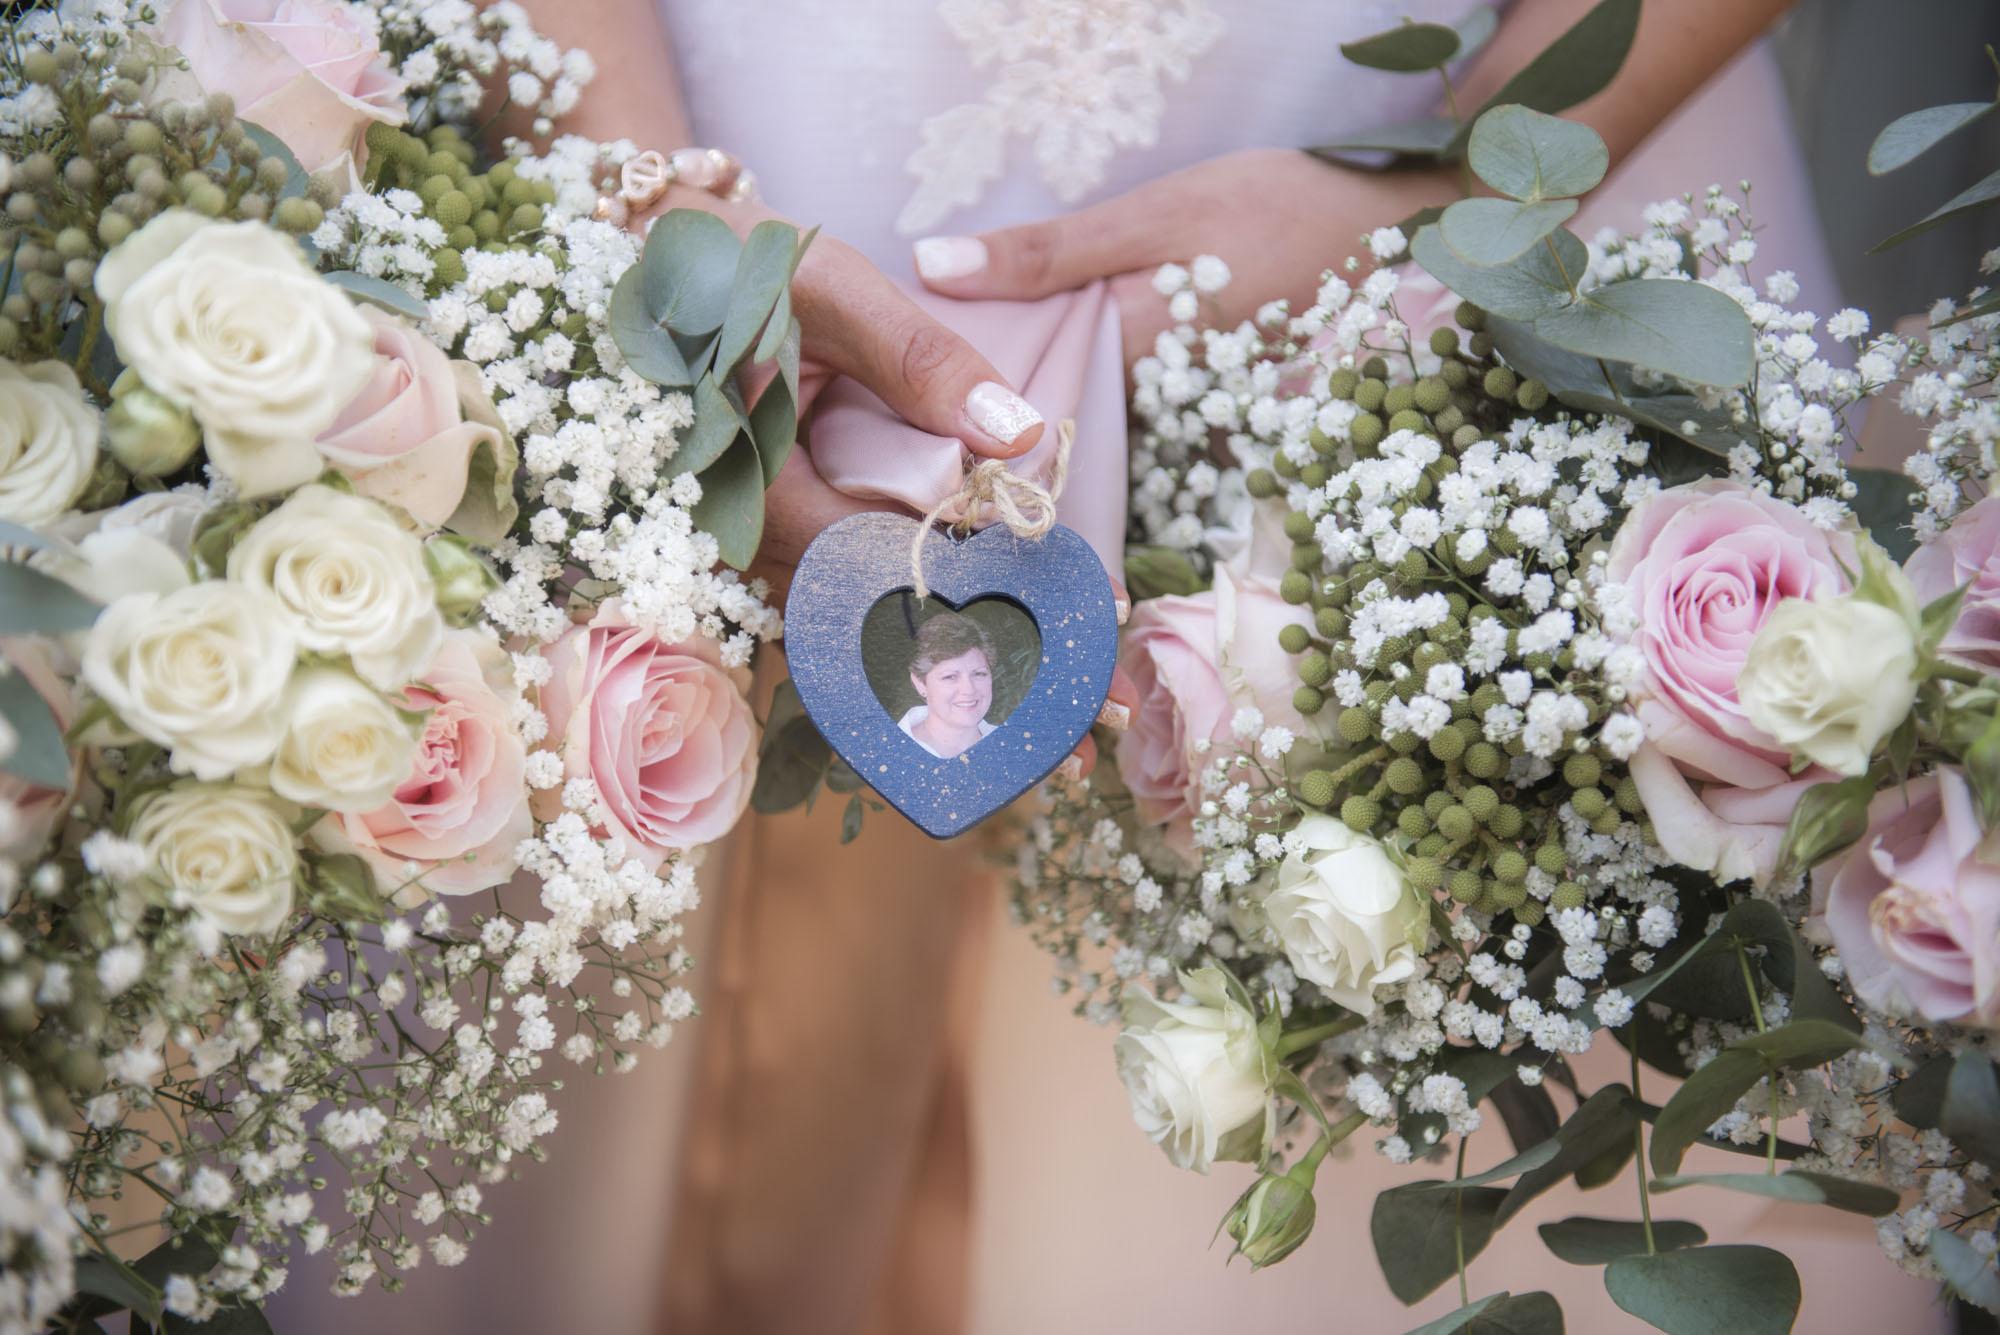 085-wedding-photographers-johannesburg085-wedding-photographers-johannesburg_a.jpg